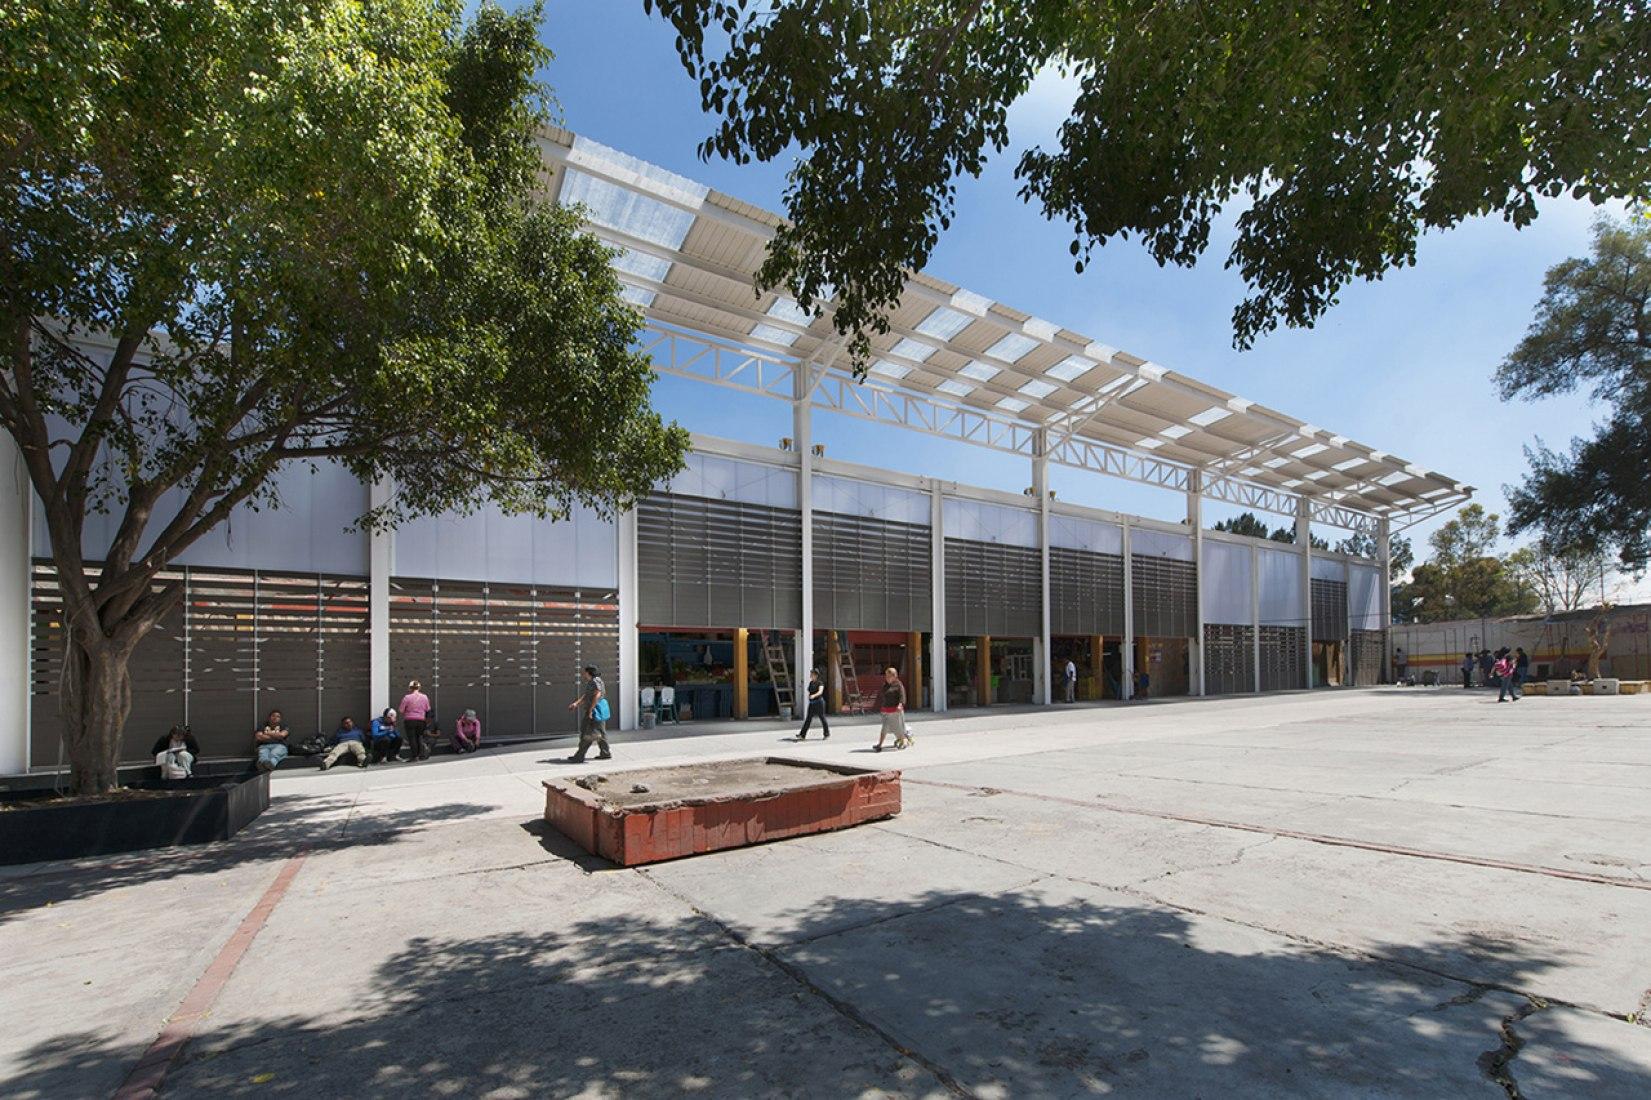 Imagen del exterior. Rehabilitación del Mercado de la Purísima por Bandada Studio. Fotografía © Jaime Navarro.